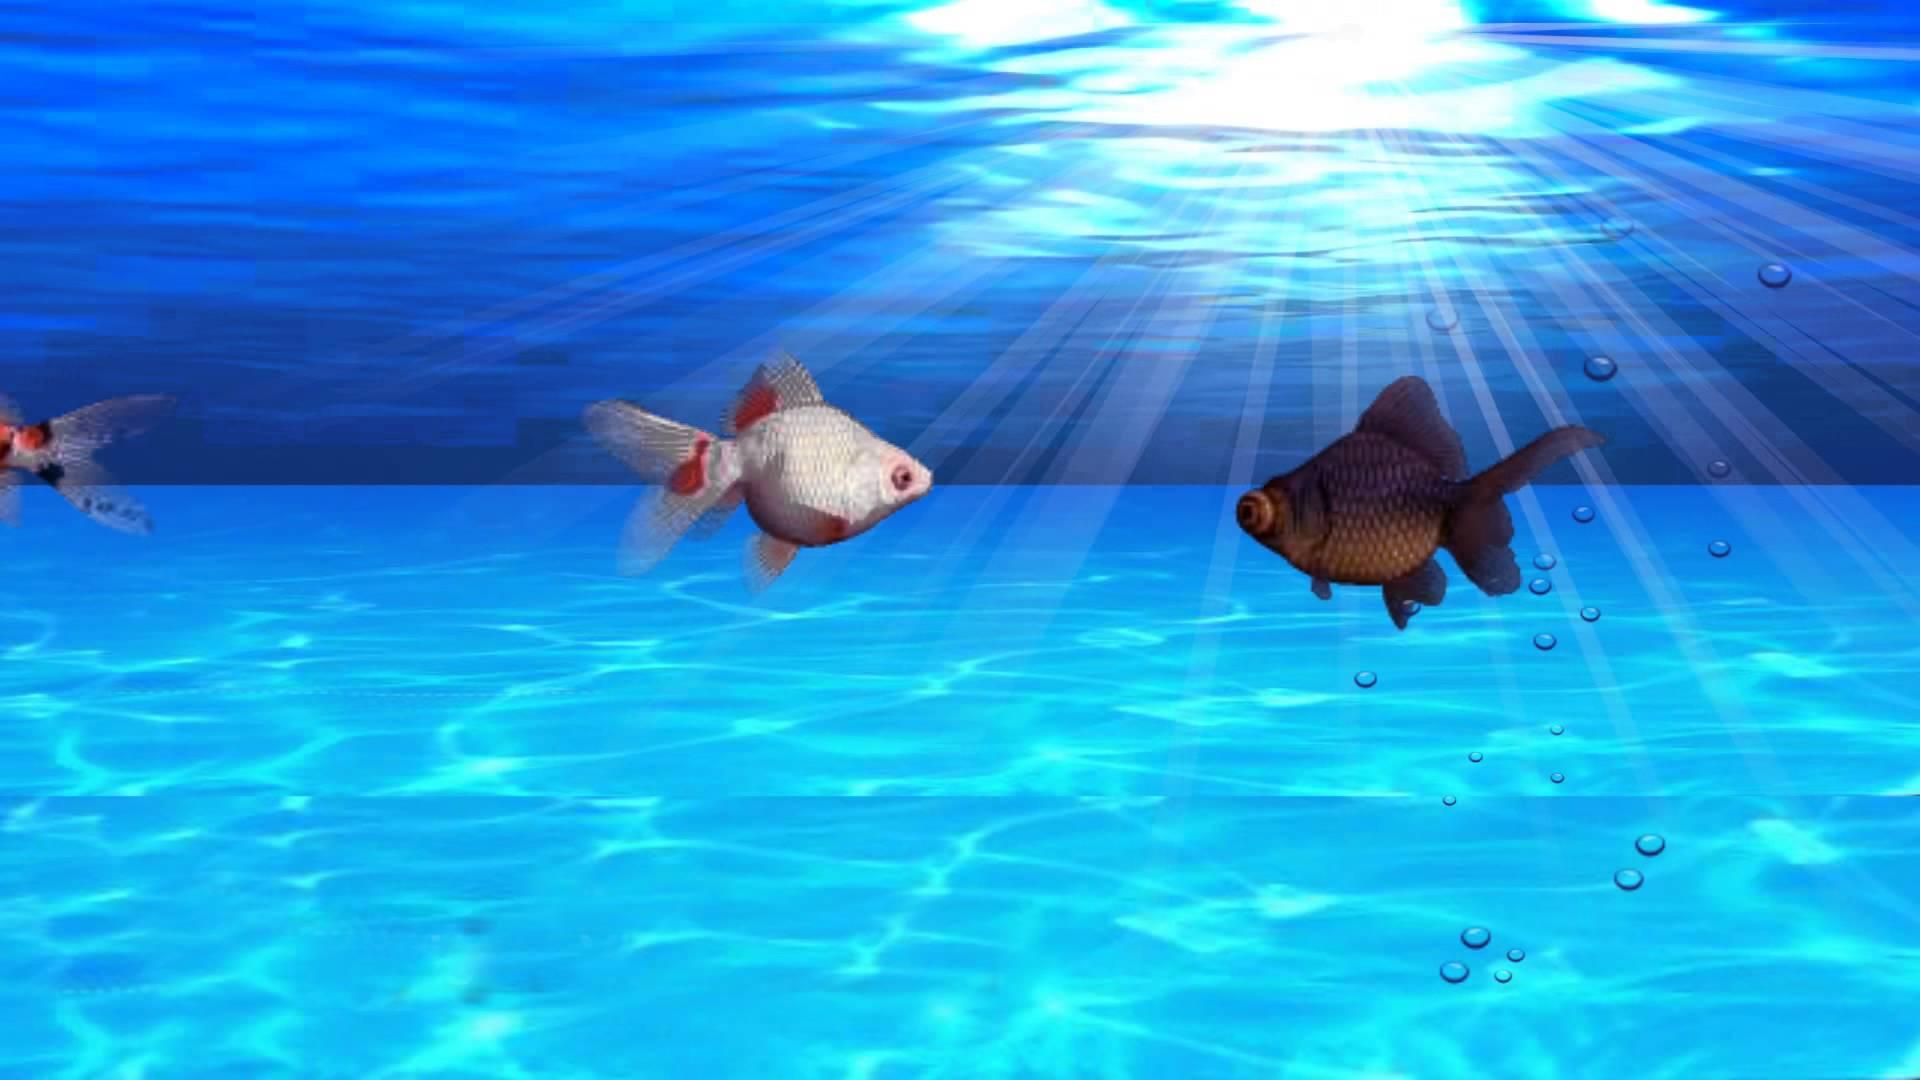 Fish Aquarium Video Background - YouTube